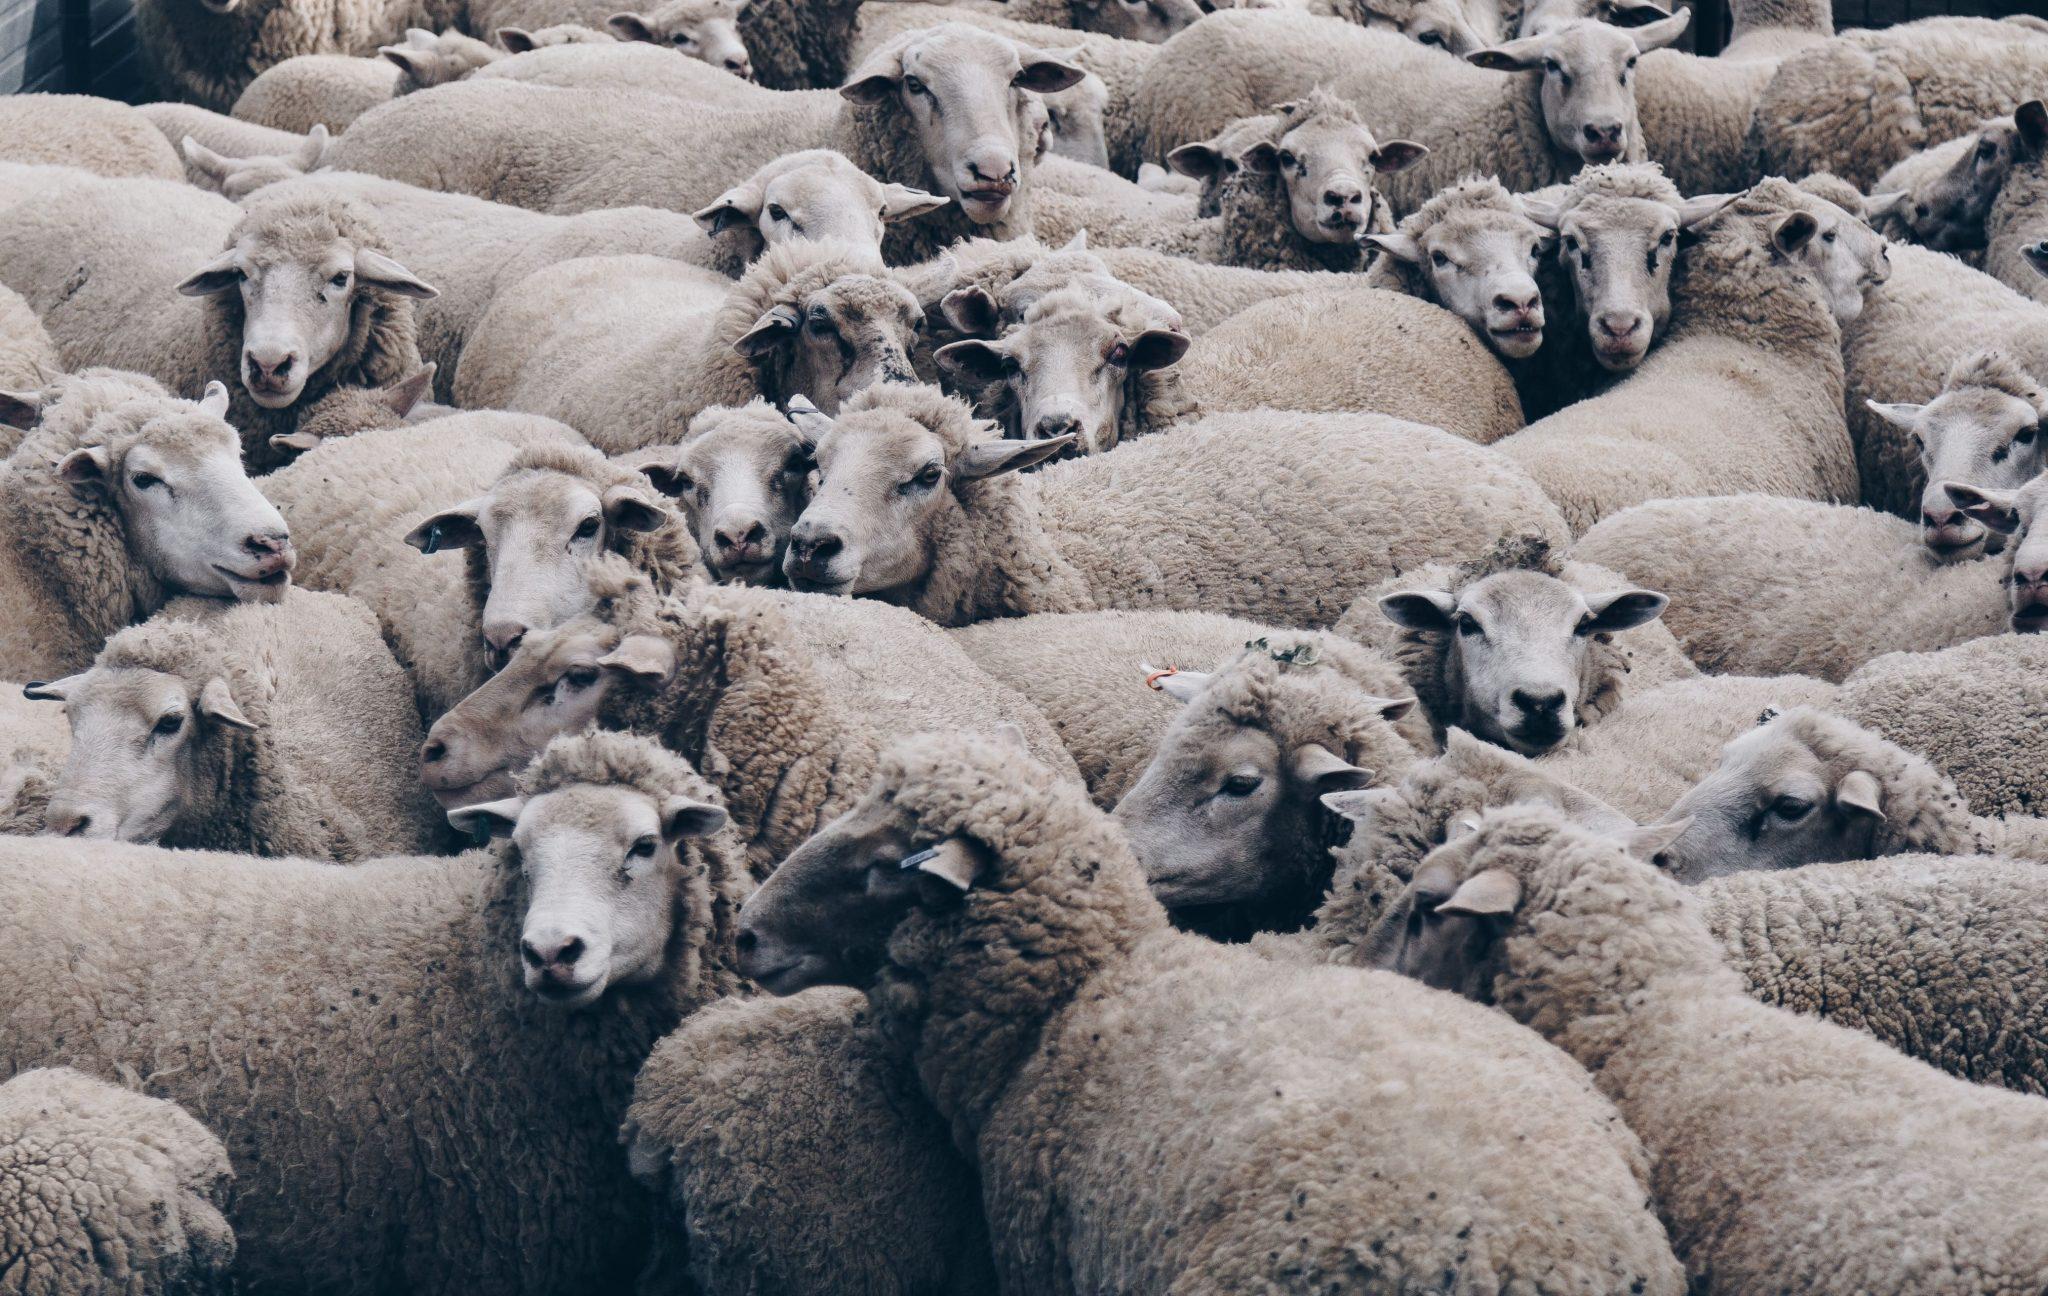 מה הקשר בין כבשים לפתירת בעיות עסקיות? תתפלאו, מתקשר